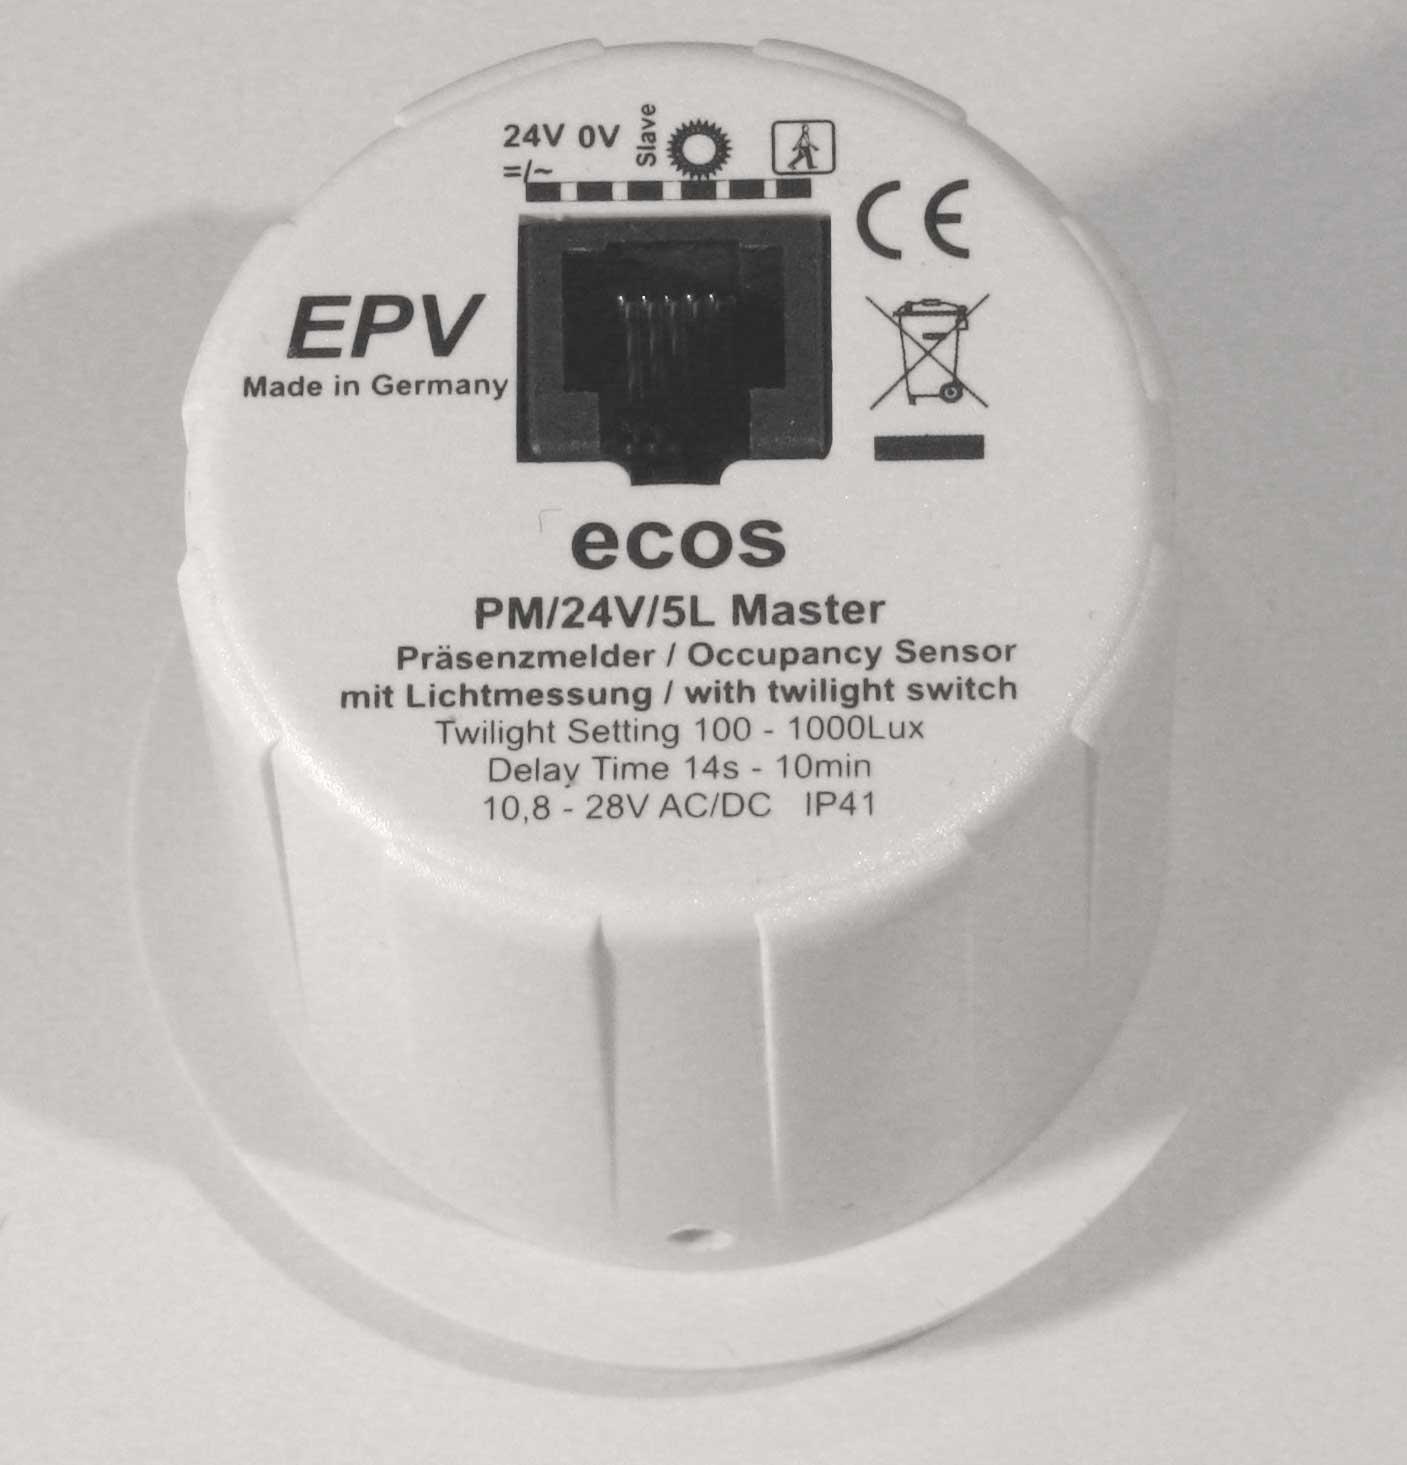 ecos 24V rear view